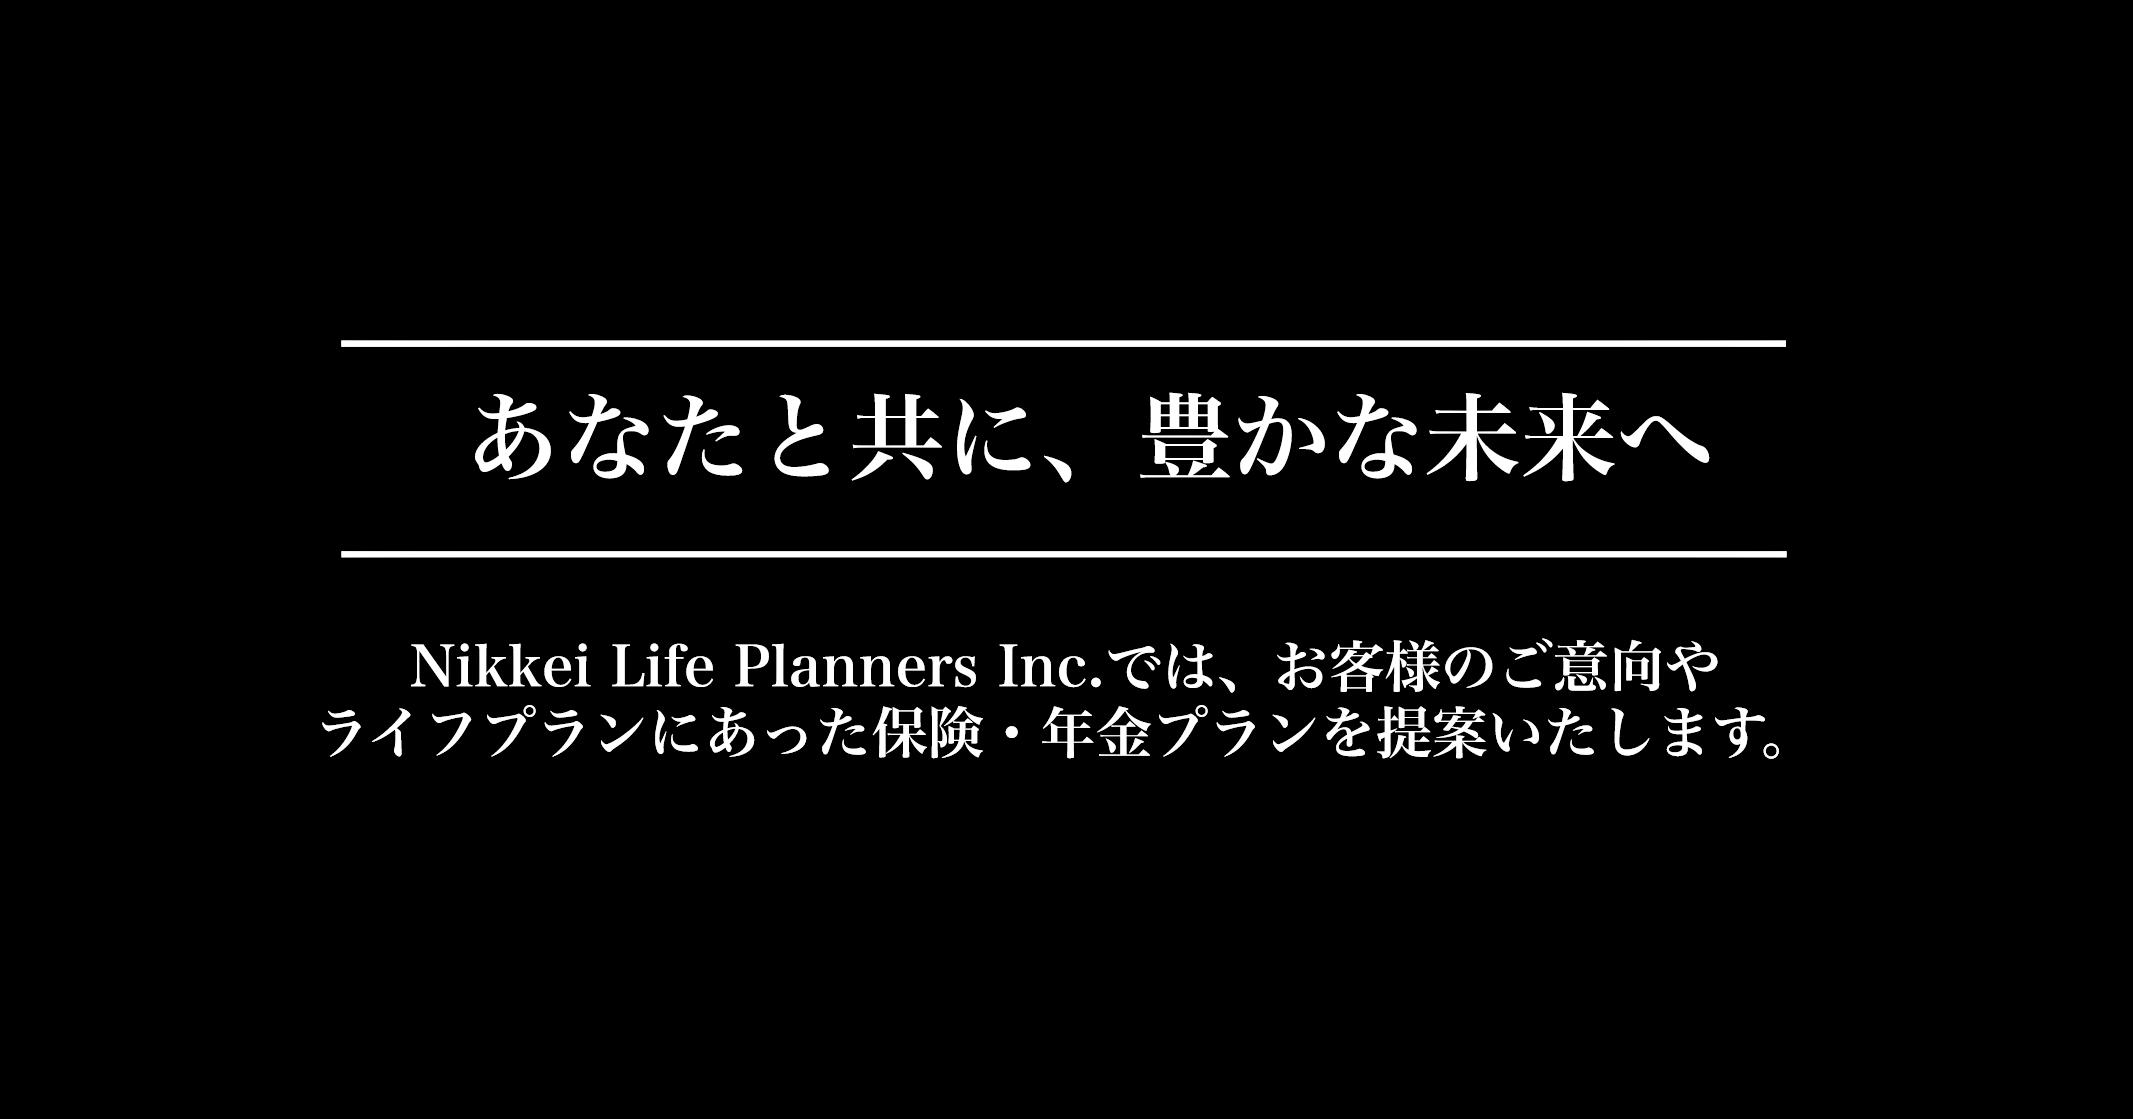 あなたと共に、豊かな未来へ Nikkei Life Planners Inc.